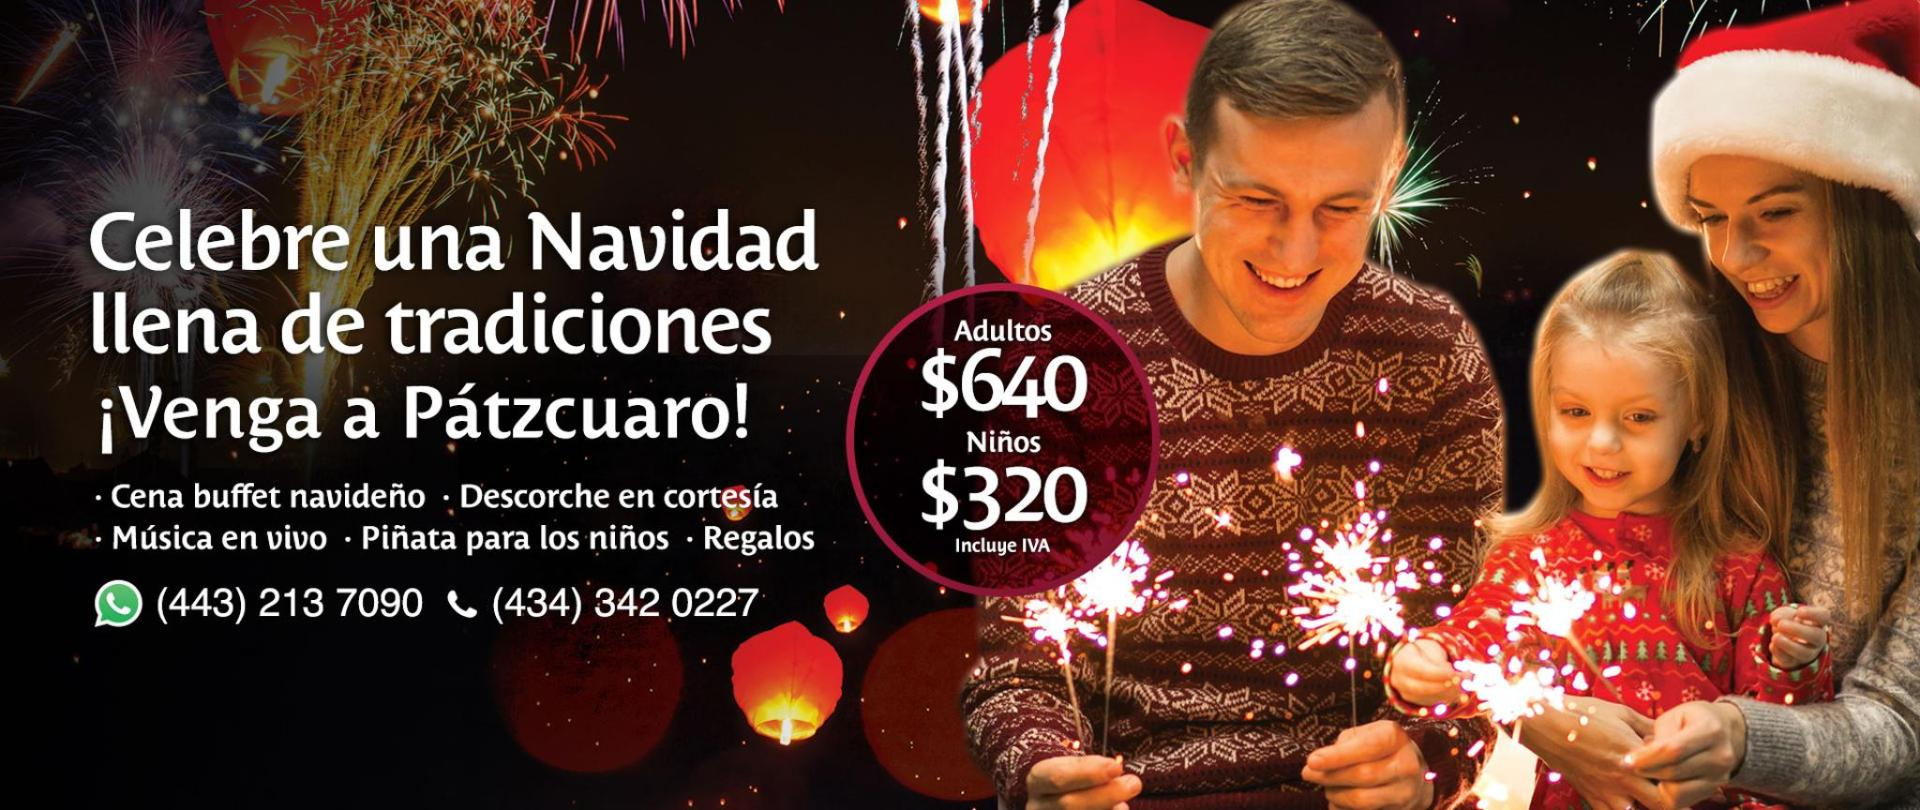 SliderNavidadPatzcuaro.jpg